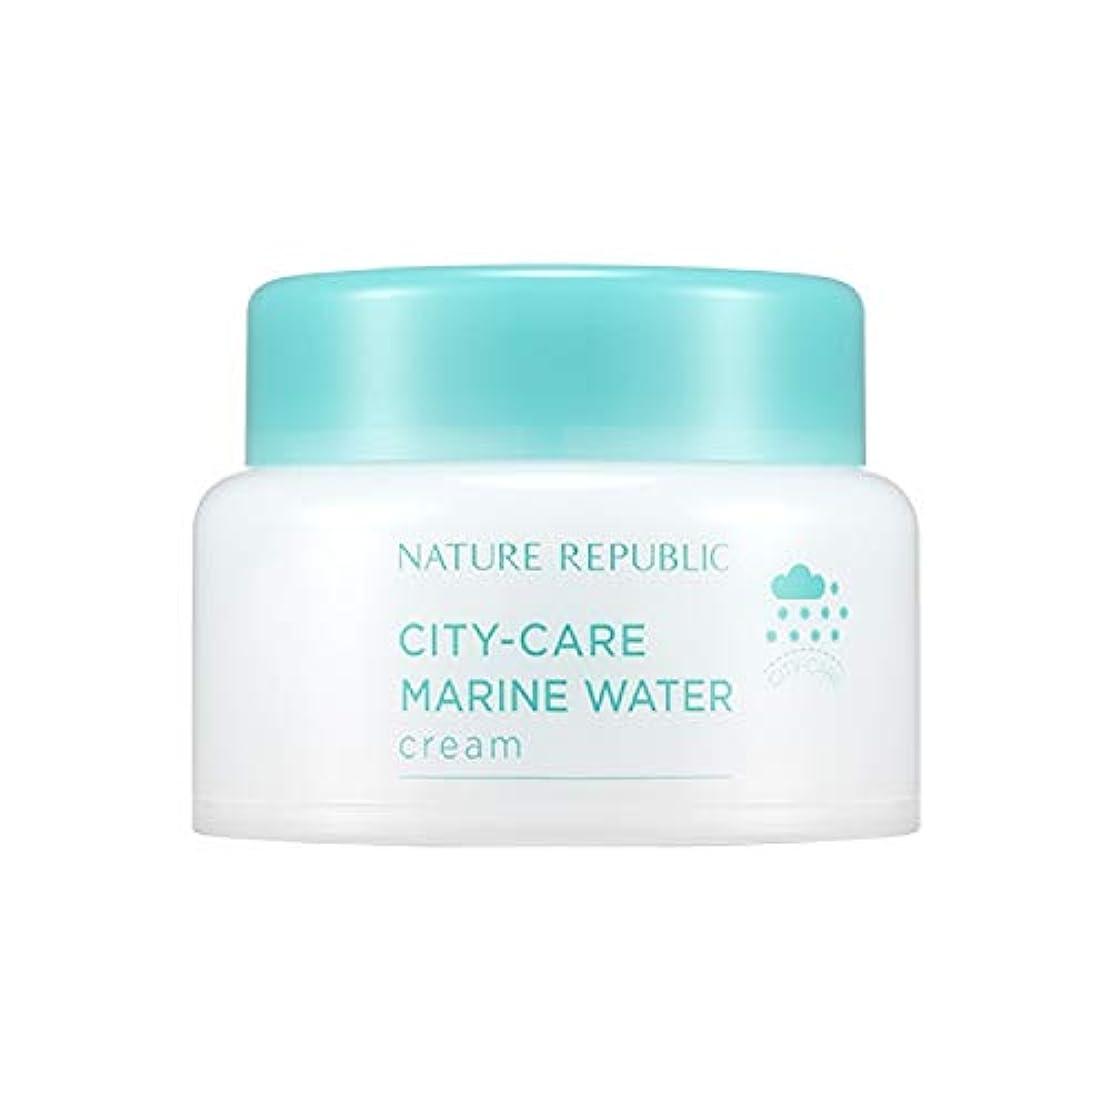 リングスカウト高齢者ネイチャーリパブリック(Nature Republic)シティケアマリンウォータークリーム 50ml / City Care Marine Water Cream 50ml :: 韓国コスメ [並行輸入品]